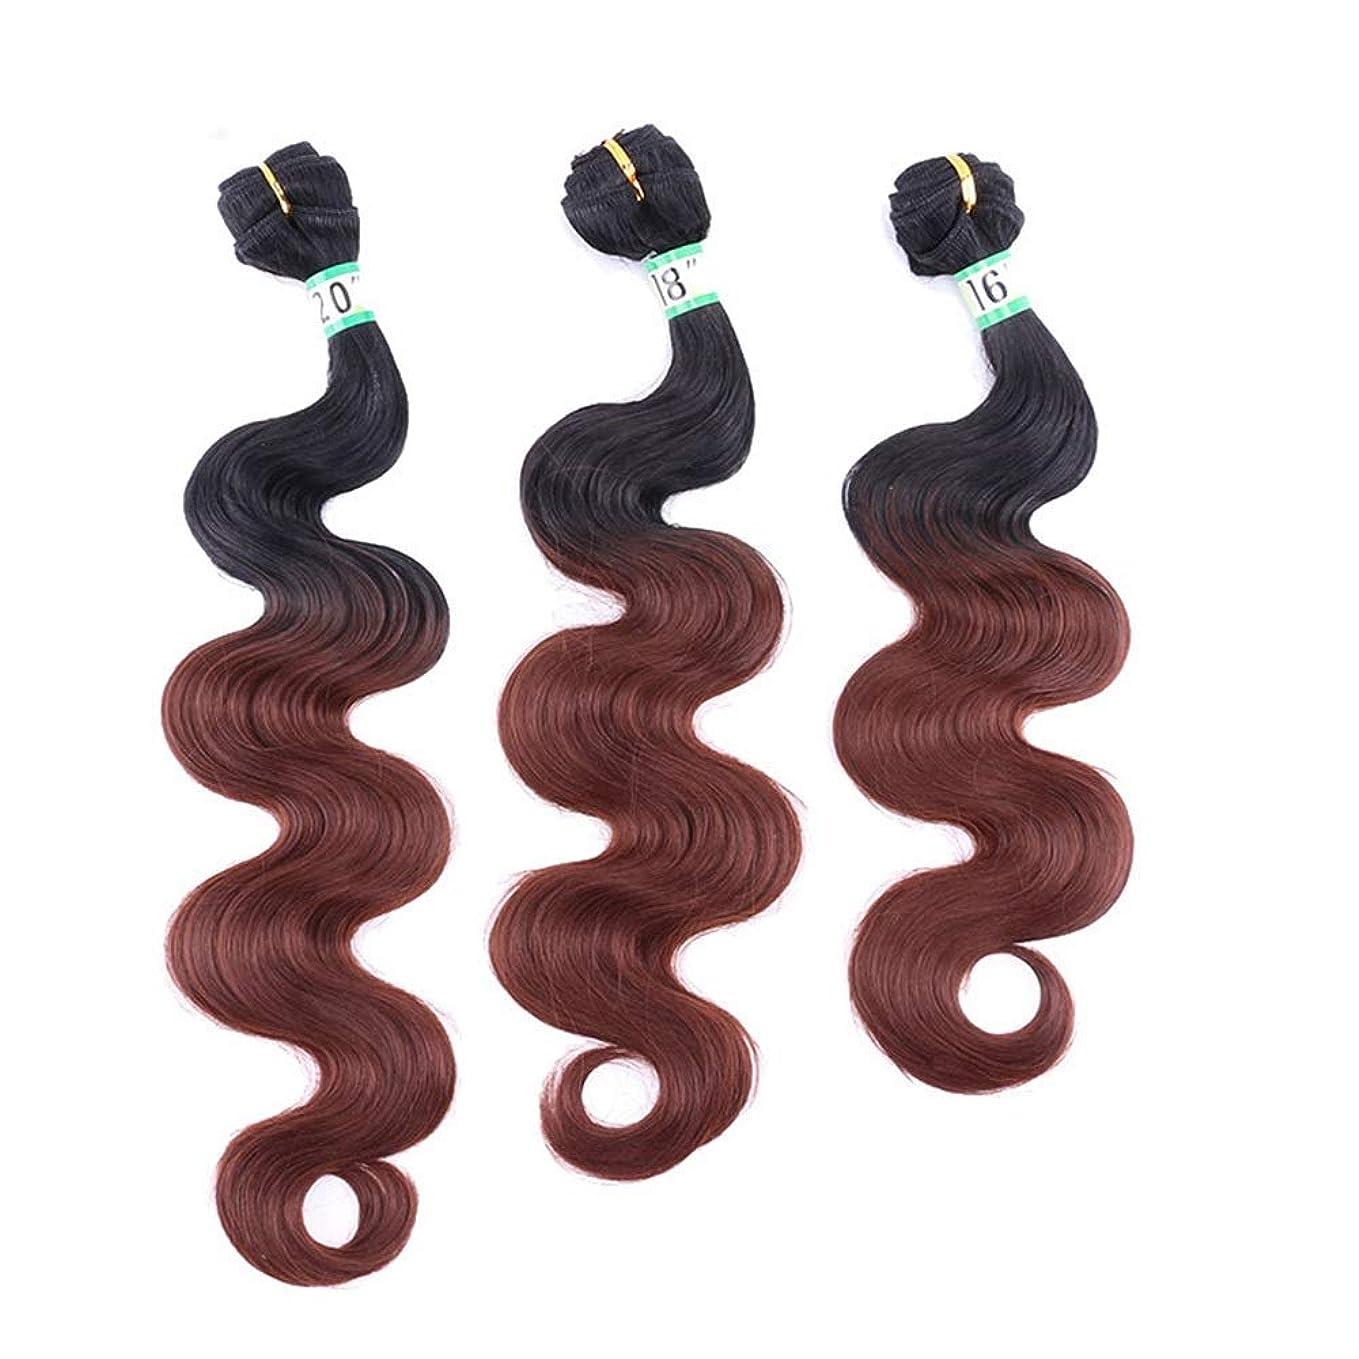 紛争検閲数学者Yrattary 実体波3バンドルヘアエクステンション - T1 / 33#ブラウンツートンカラー髪織り70g /バンドル(16